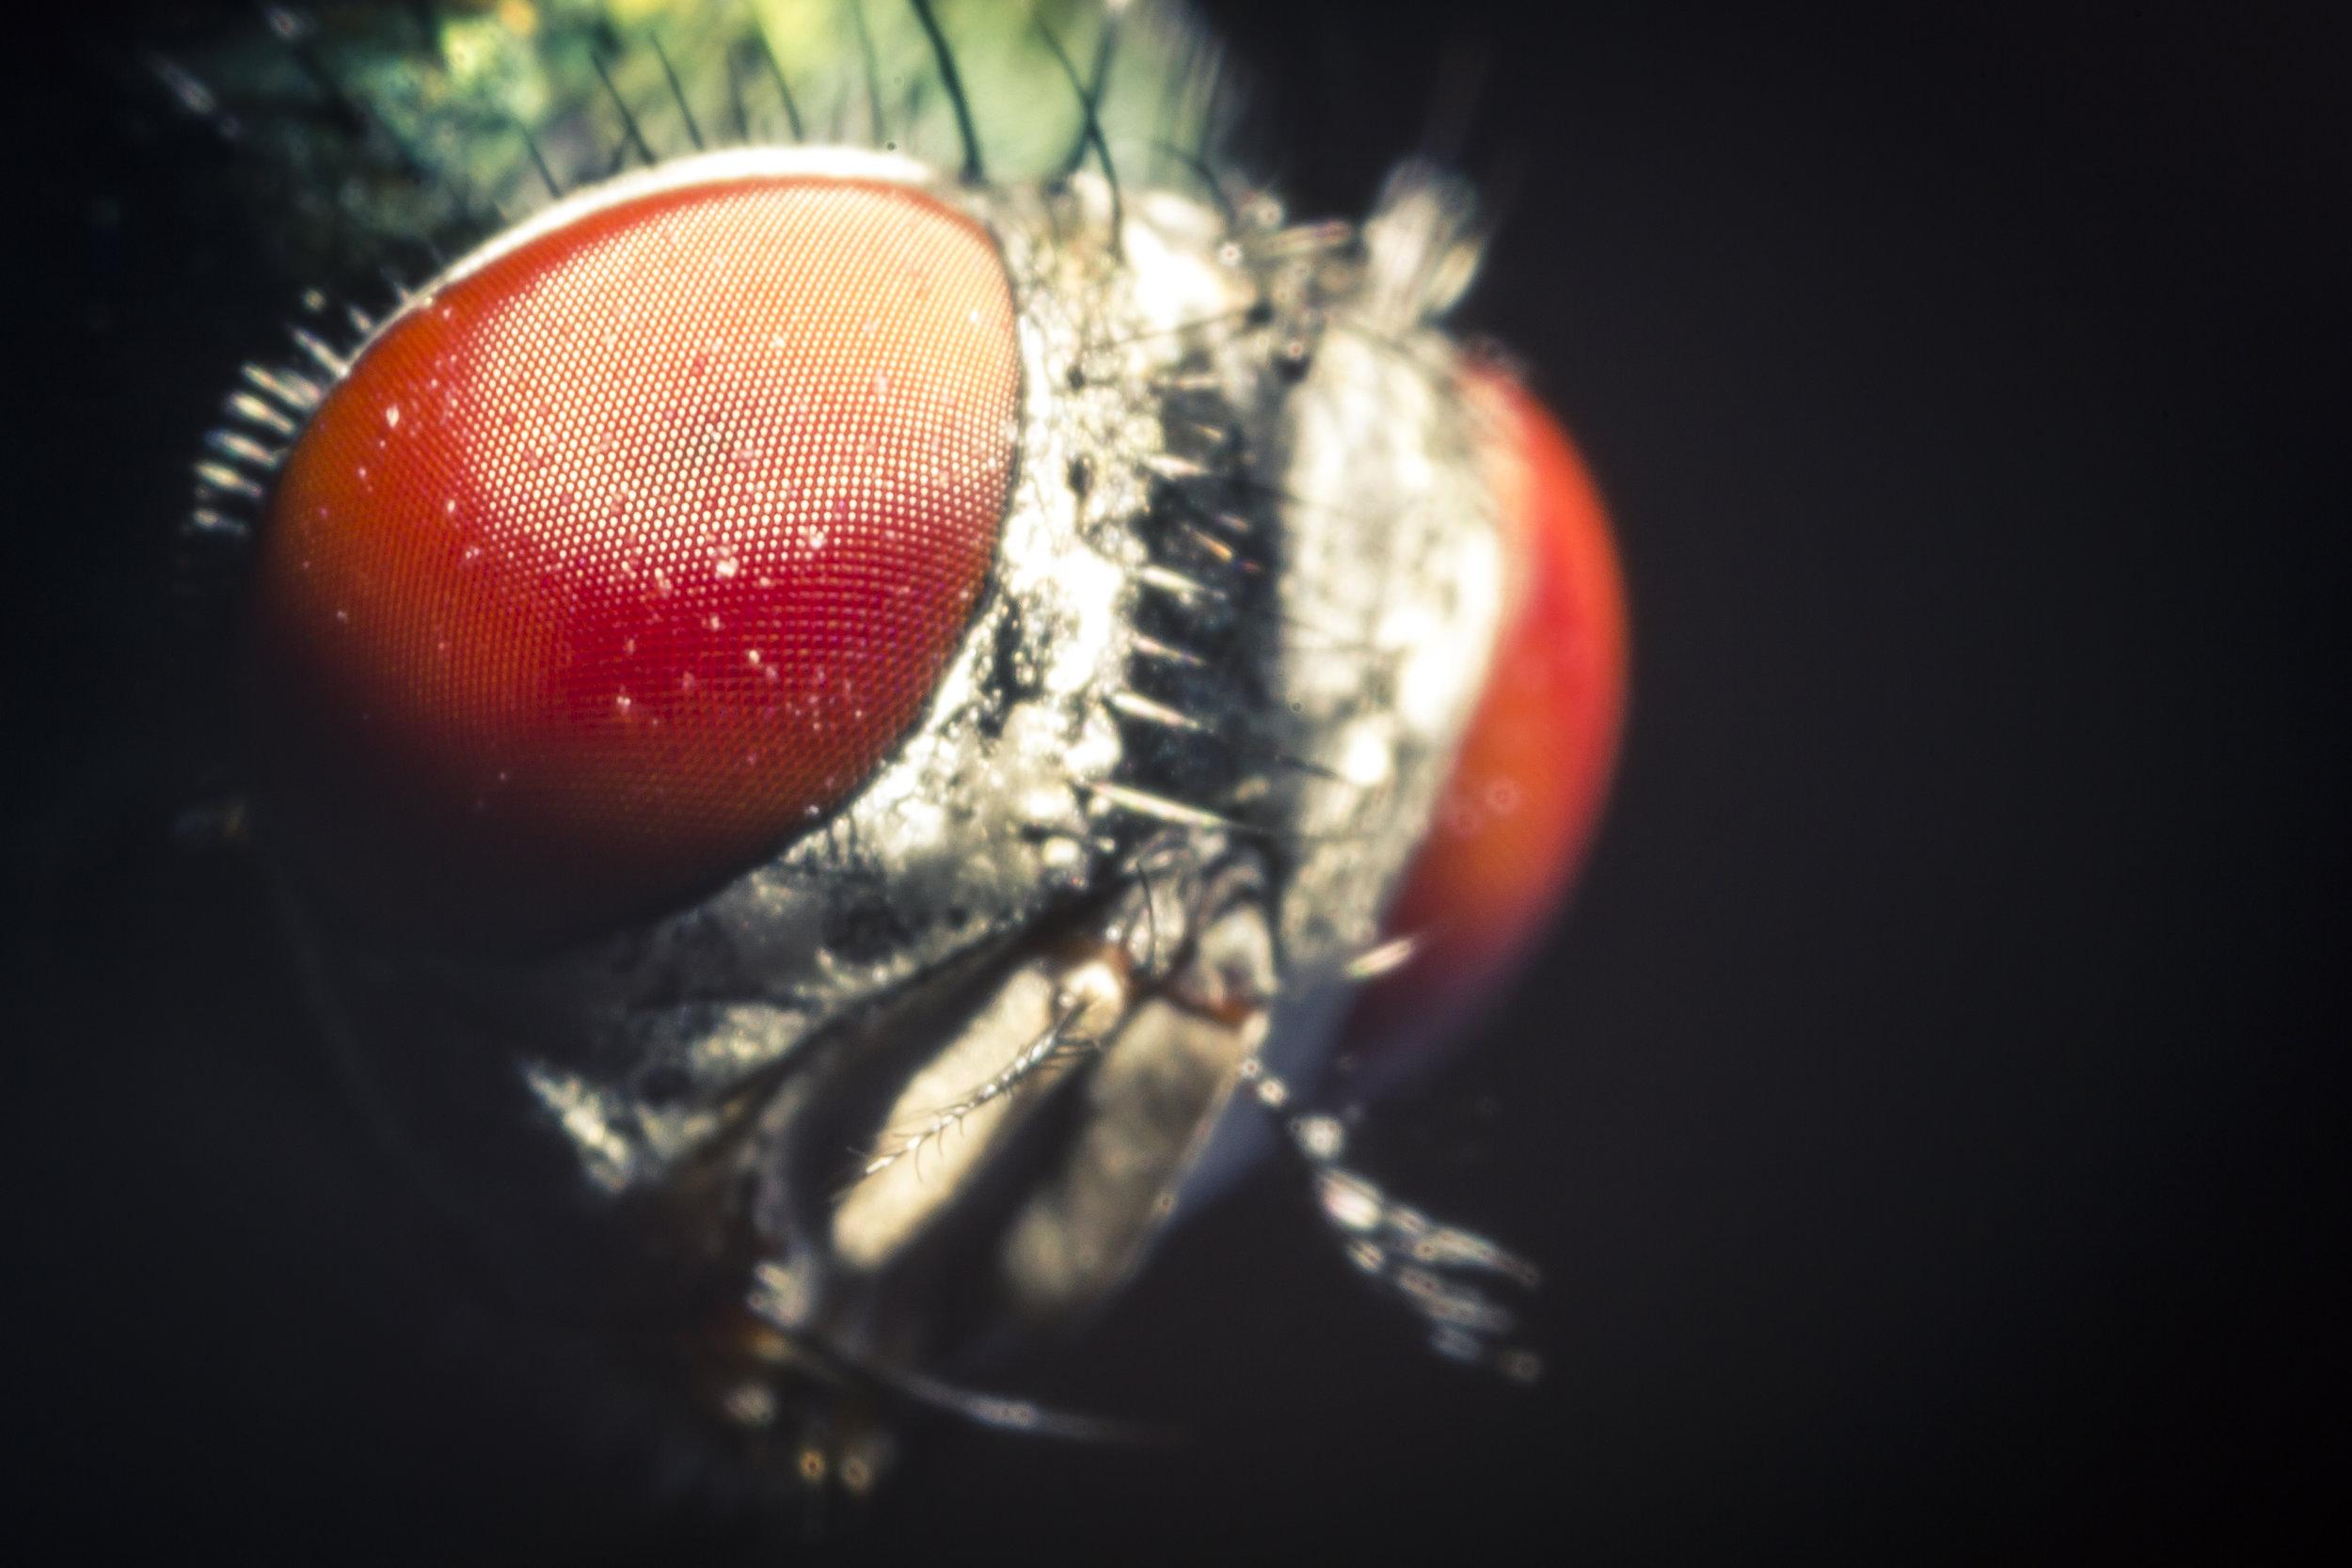 foto macro microscopio insetto occhi fotografo